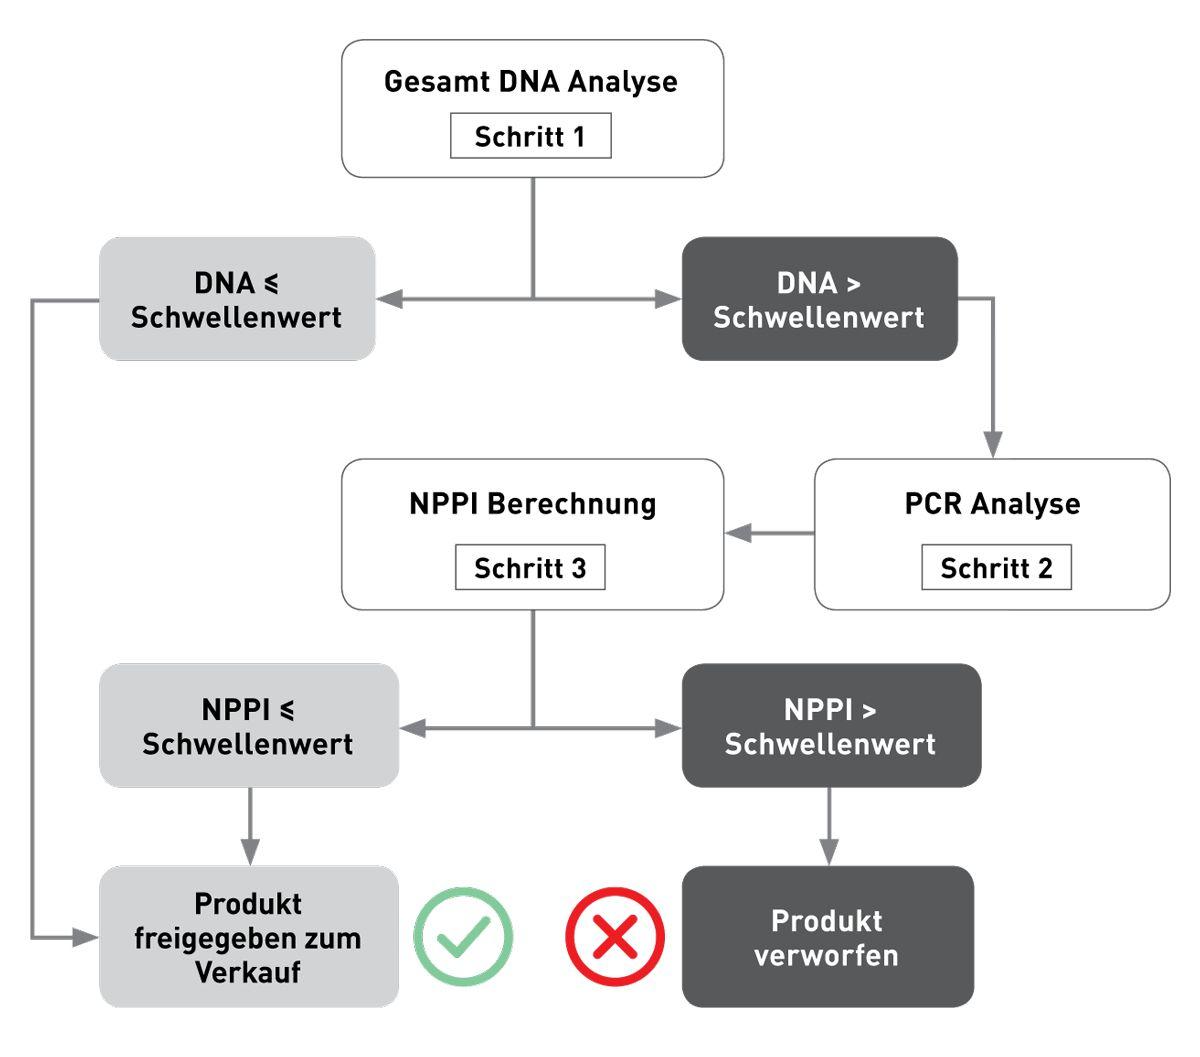 """Abbildung 2. Jede Produktionscharge wird mit Hilfe einer spezifischen dreistufigen DNA-basierten Analyse getestet, um unerwünschte Kreuzkontaminationen zu bestimmen.  • Schritt 1: Der Gesamt-DNA-Gehalt wird gemessen und mit einem im Rahmen einer präklinischen Multicenterstudie mit Hunden mit komplexer oder therapieresistenter AFR etablierten Schwellenwert verglichen ( 5 ).   • Schritt 2: Wenn die DNA-Level diesen Schwellenwert überschreiten, werden PCR-Analysen durchgeführt, um die Art der Proteinkontamination zu identifizieren. • Schritt 3: Die Konzentration unerwünschter Proteine wird mit Hilfe der geeigneten Kalibrierungskurve aus dem Gesamt-DNA-Gehalt berechnet. Das Ergebnis wird als """"No Protein Pollution Index"""" oder NPPI bezeichnet. Liegt der NPPI am Schwellenwert oder darunter, wird die Charge für den Verkauf freigegeben. Wenn der NPPI oberhalb des Schwellenwertes liegt, wird die Charge verworfen."""